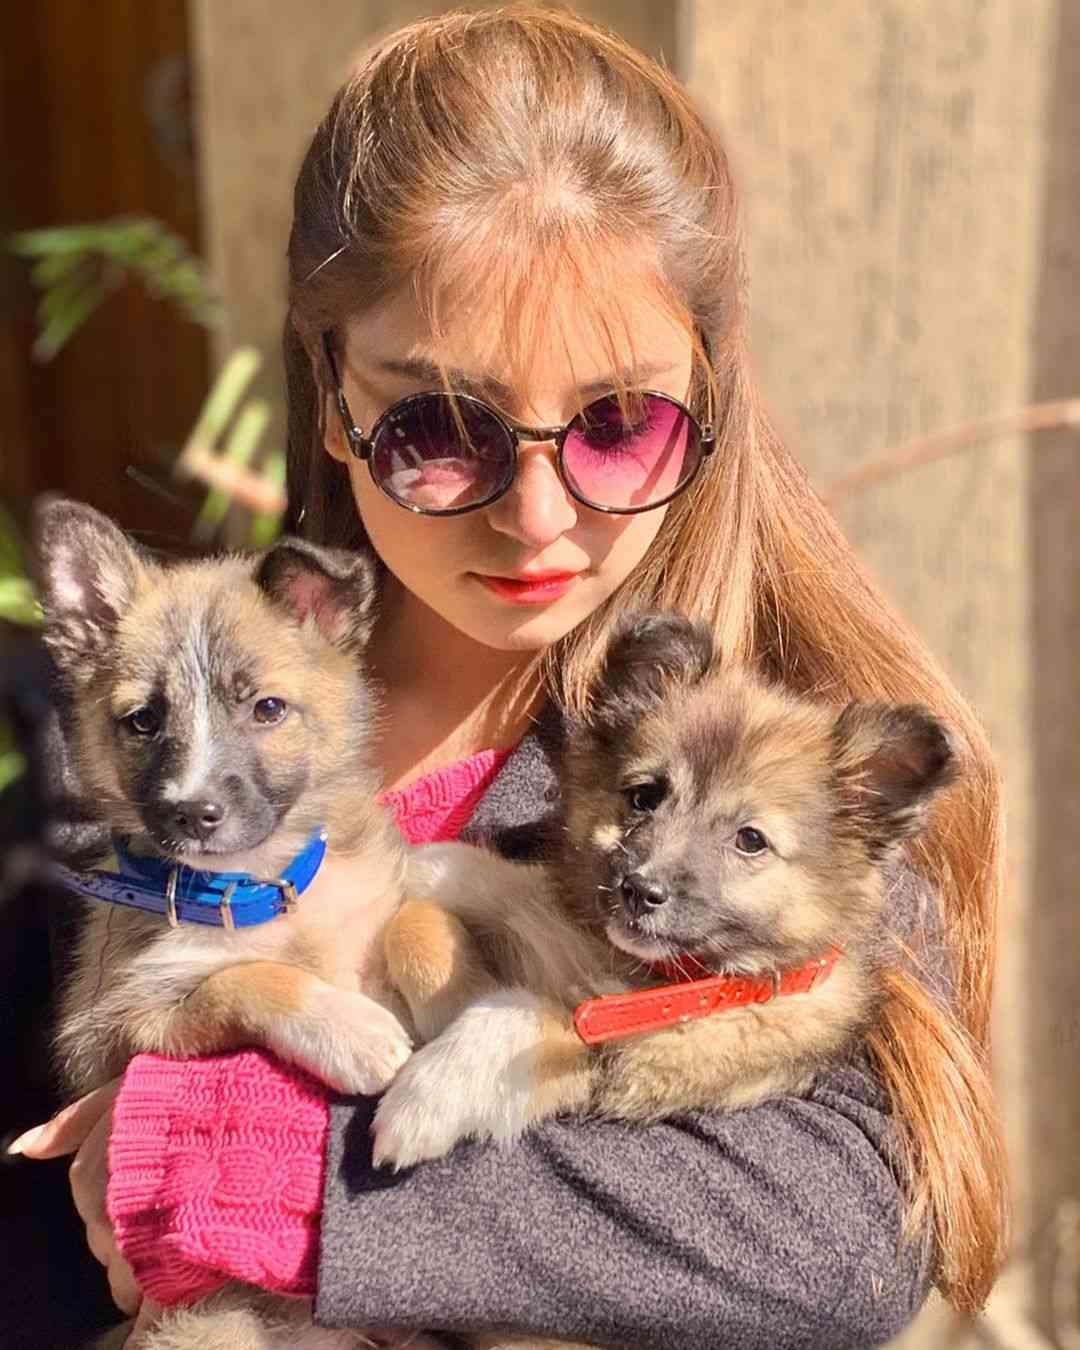 Dananeer Mobeen with her pet dog